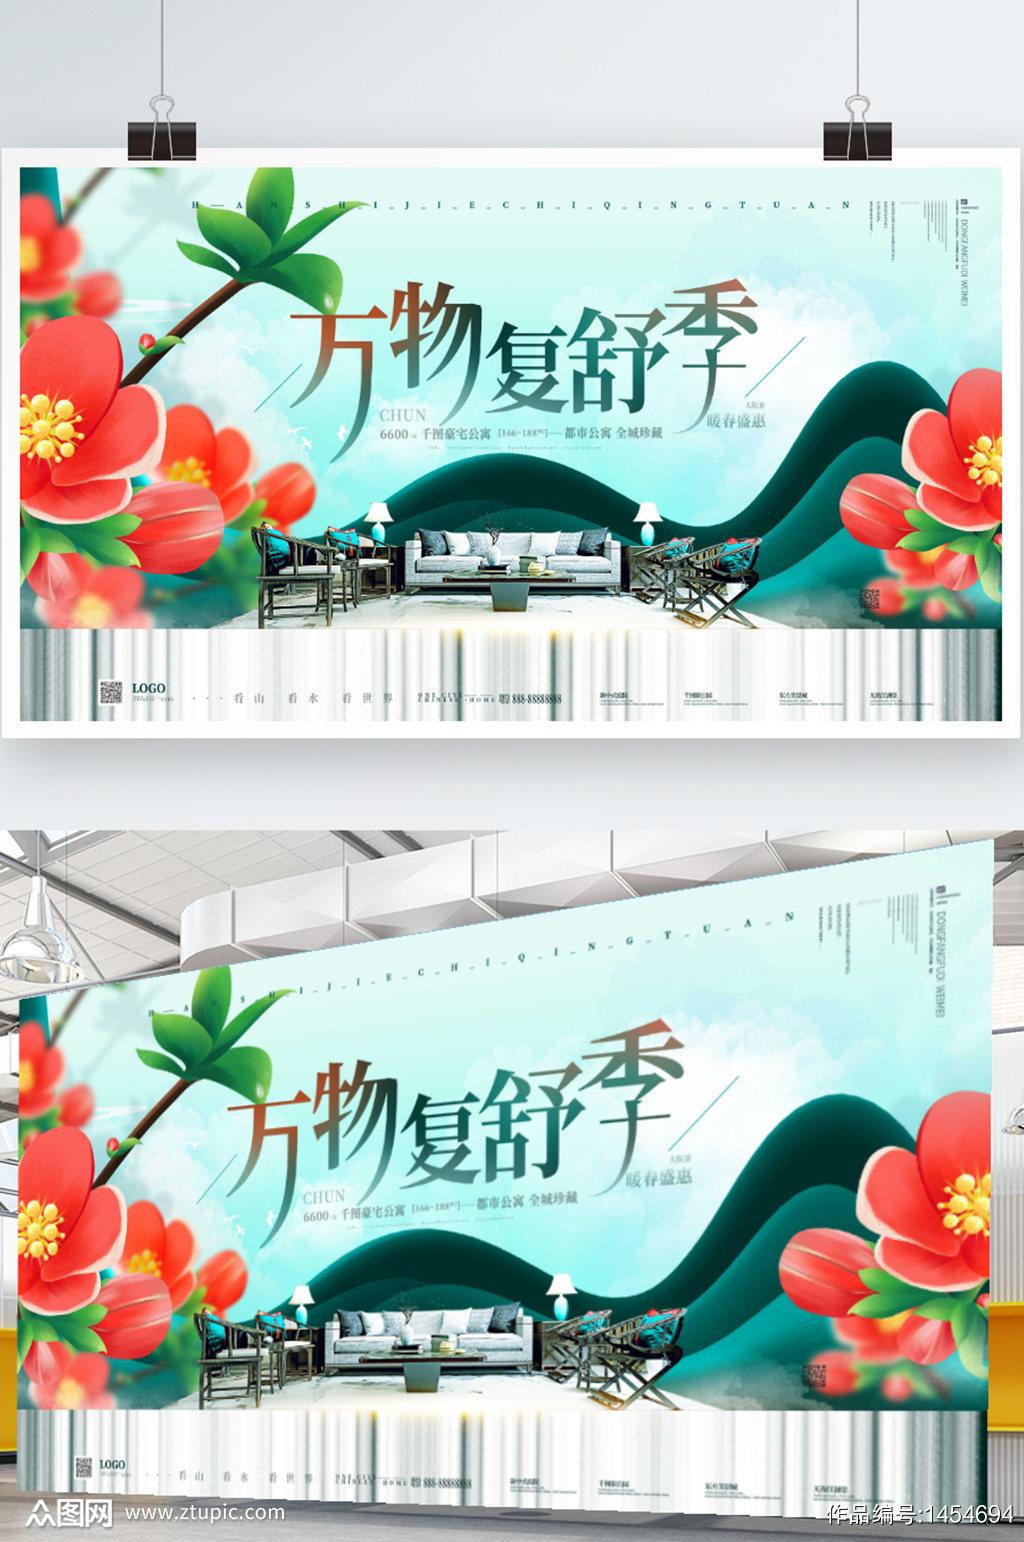 唯美清新浪漫绿色春意春季房地产促销展板素材